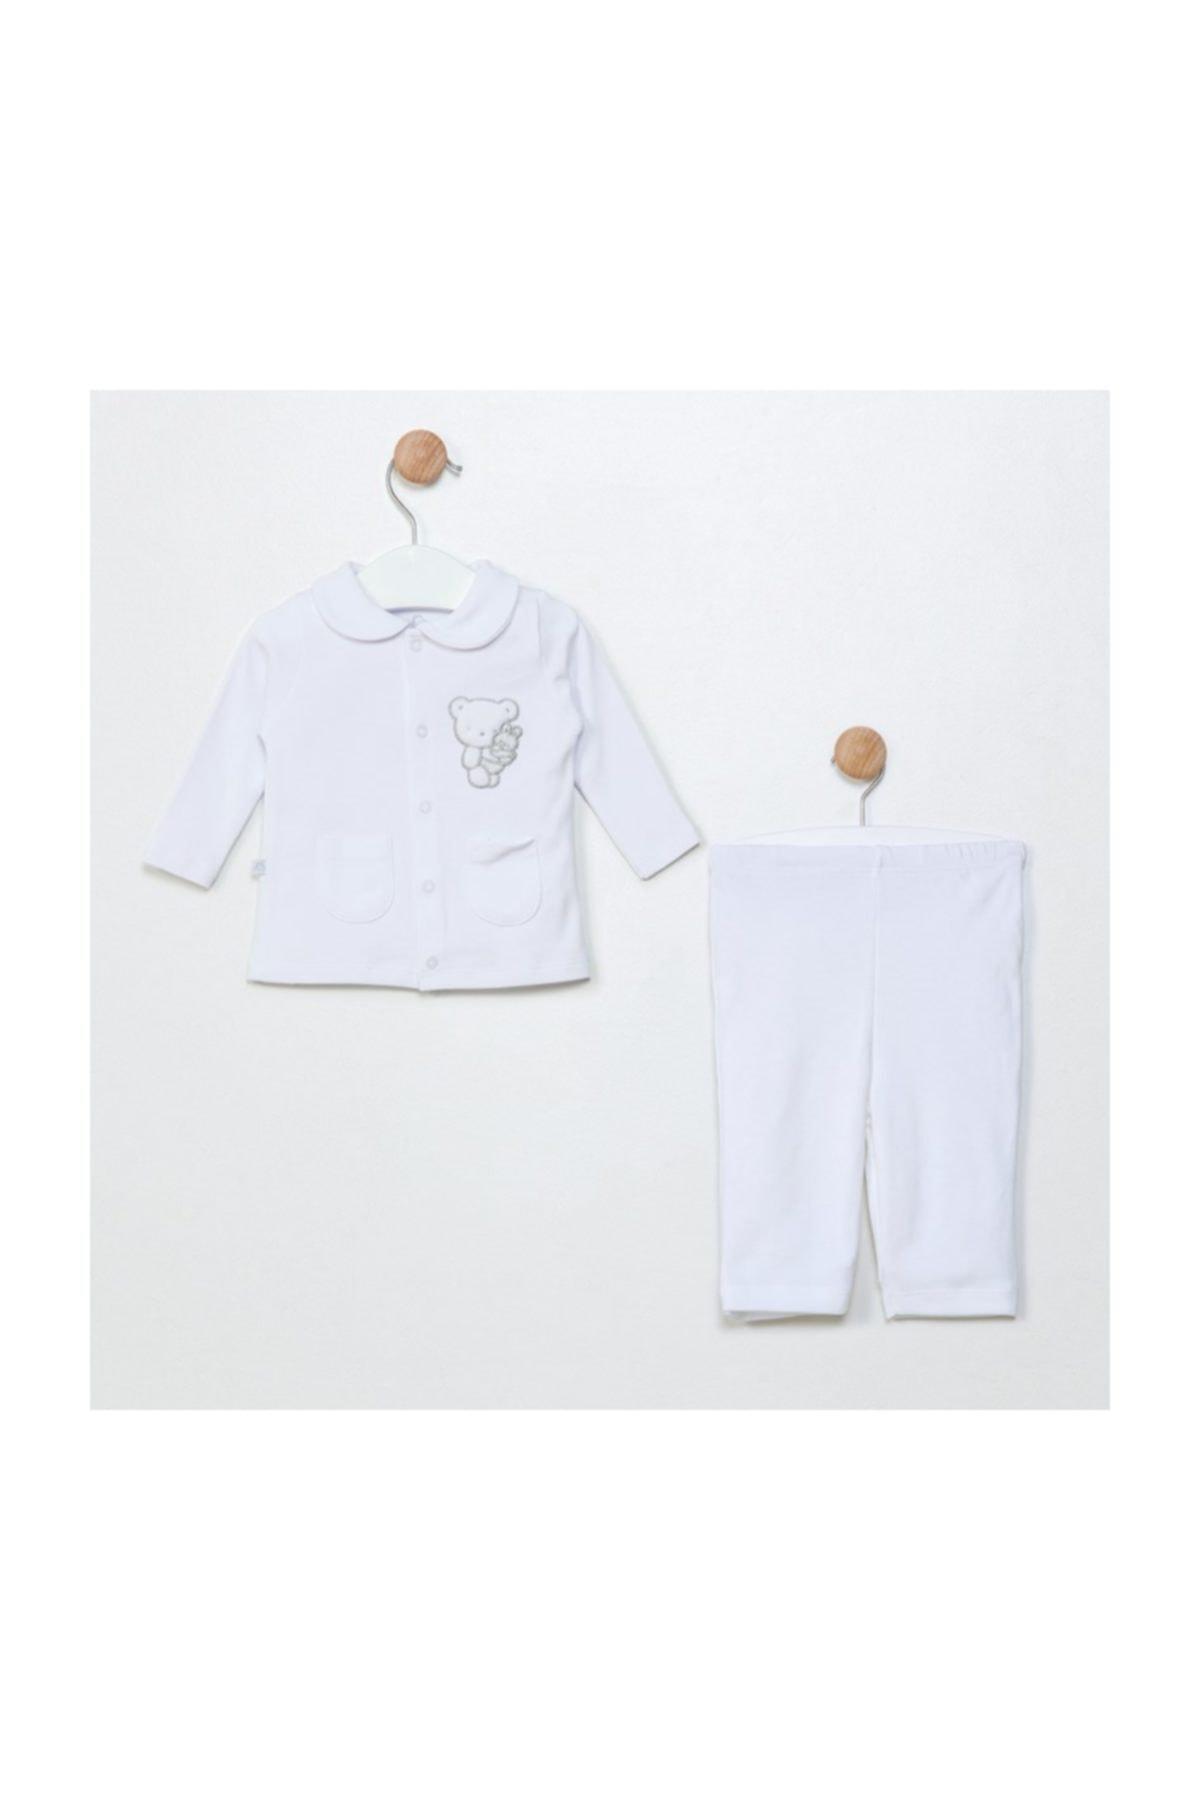 Funna Baby Ceket Pantolon Takım -  Piccolo Mondo 1